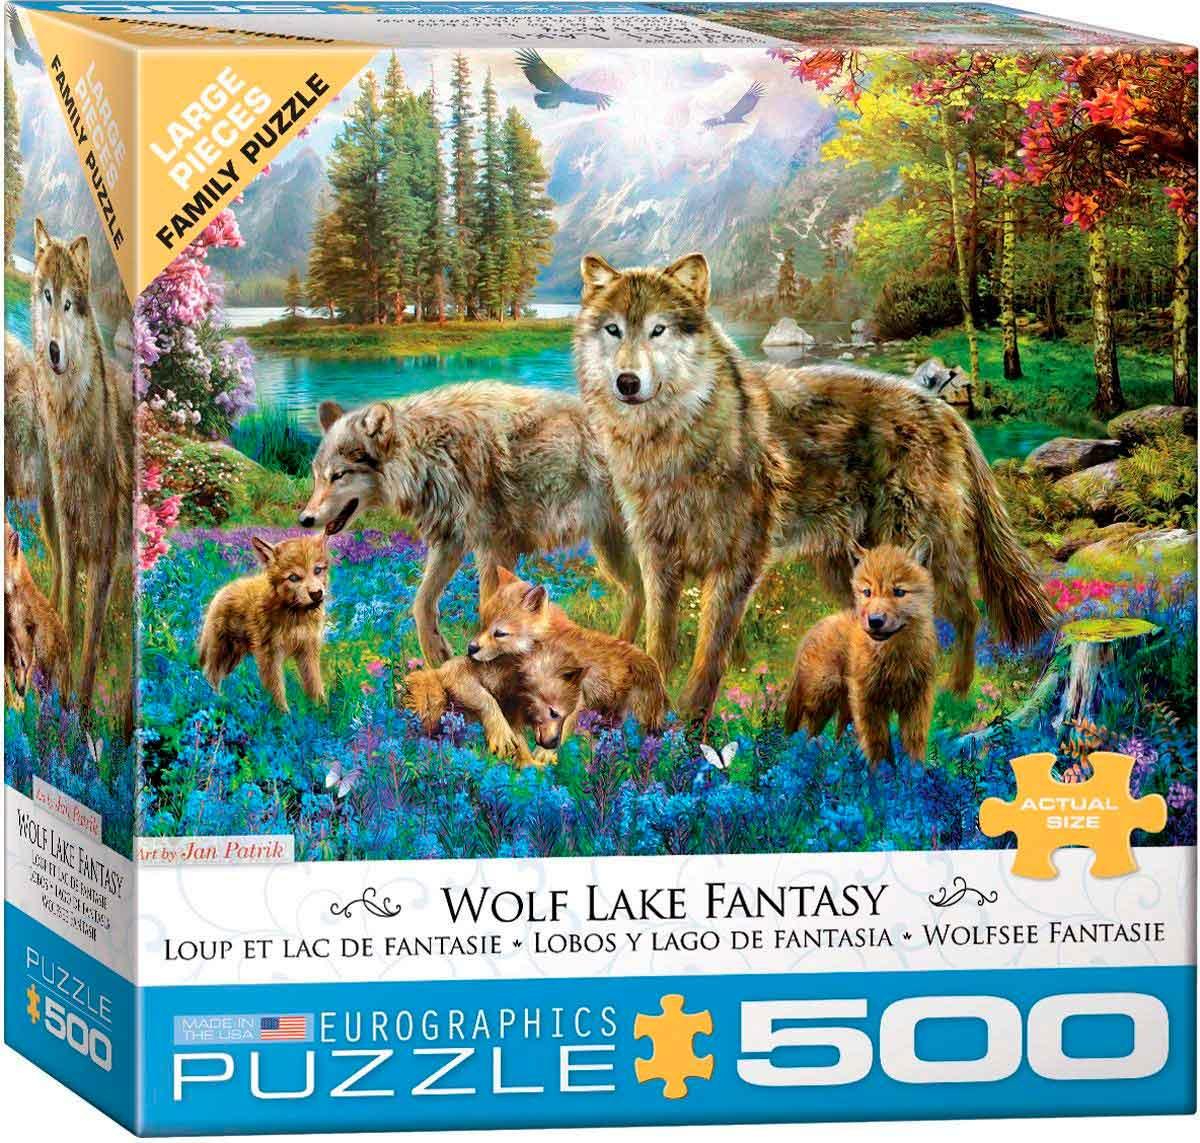 Puzzle Eurographics Lobos y Lago de Fantasía de 500 Piezas